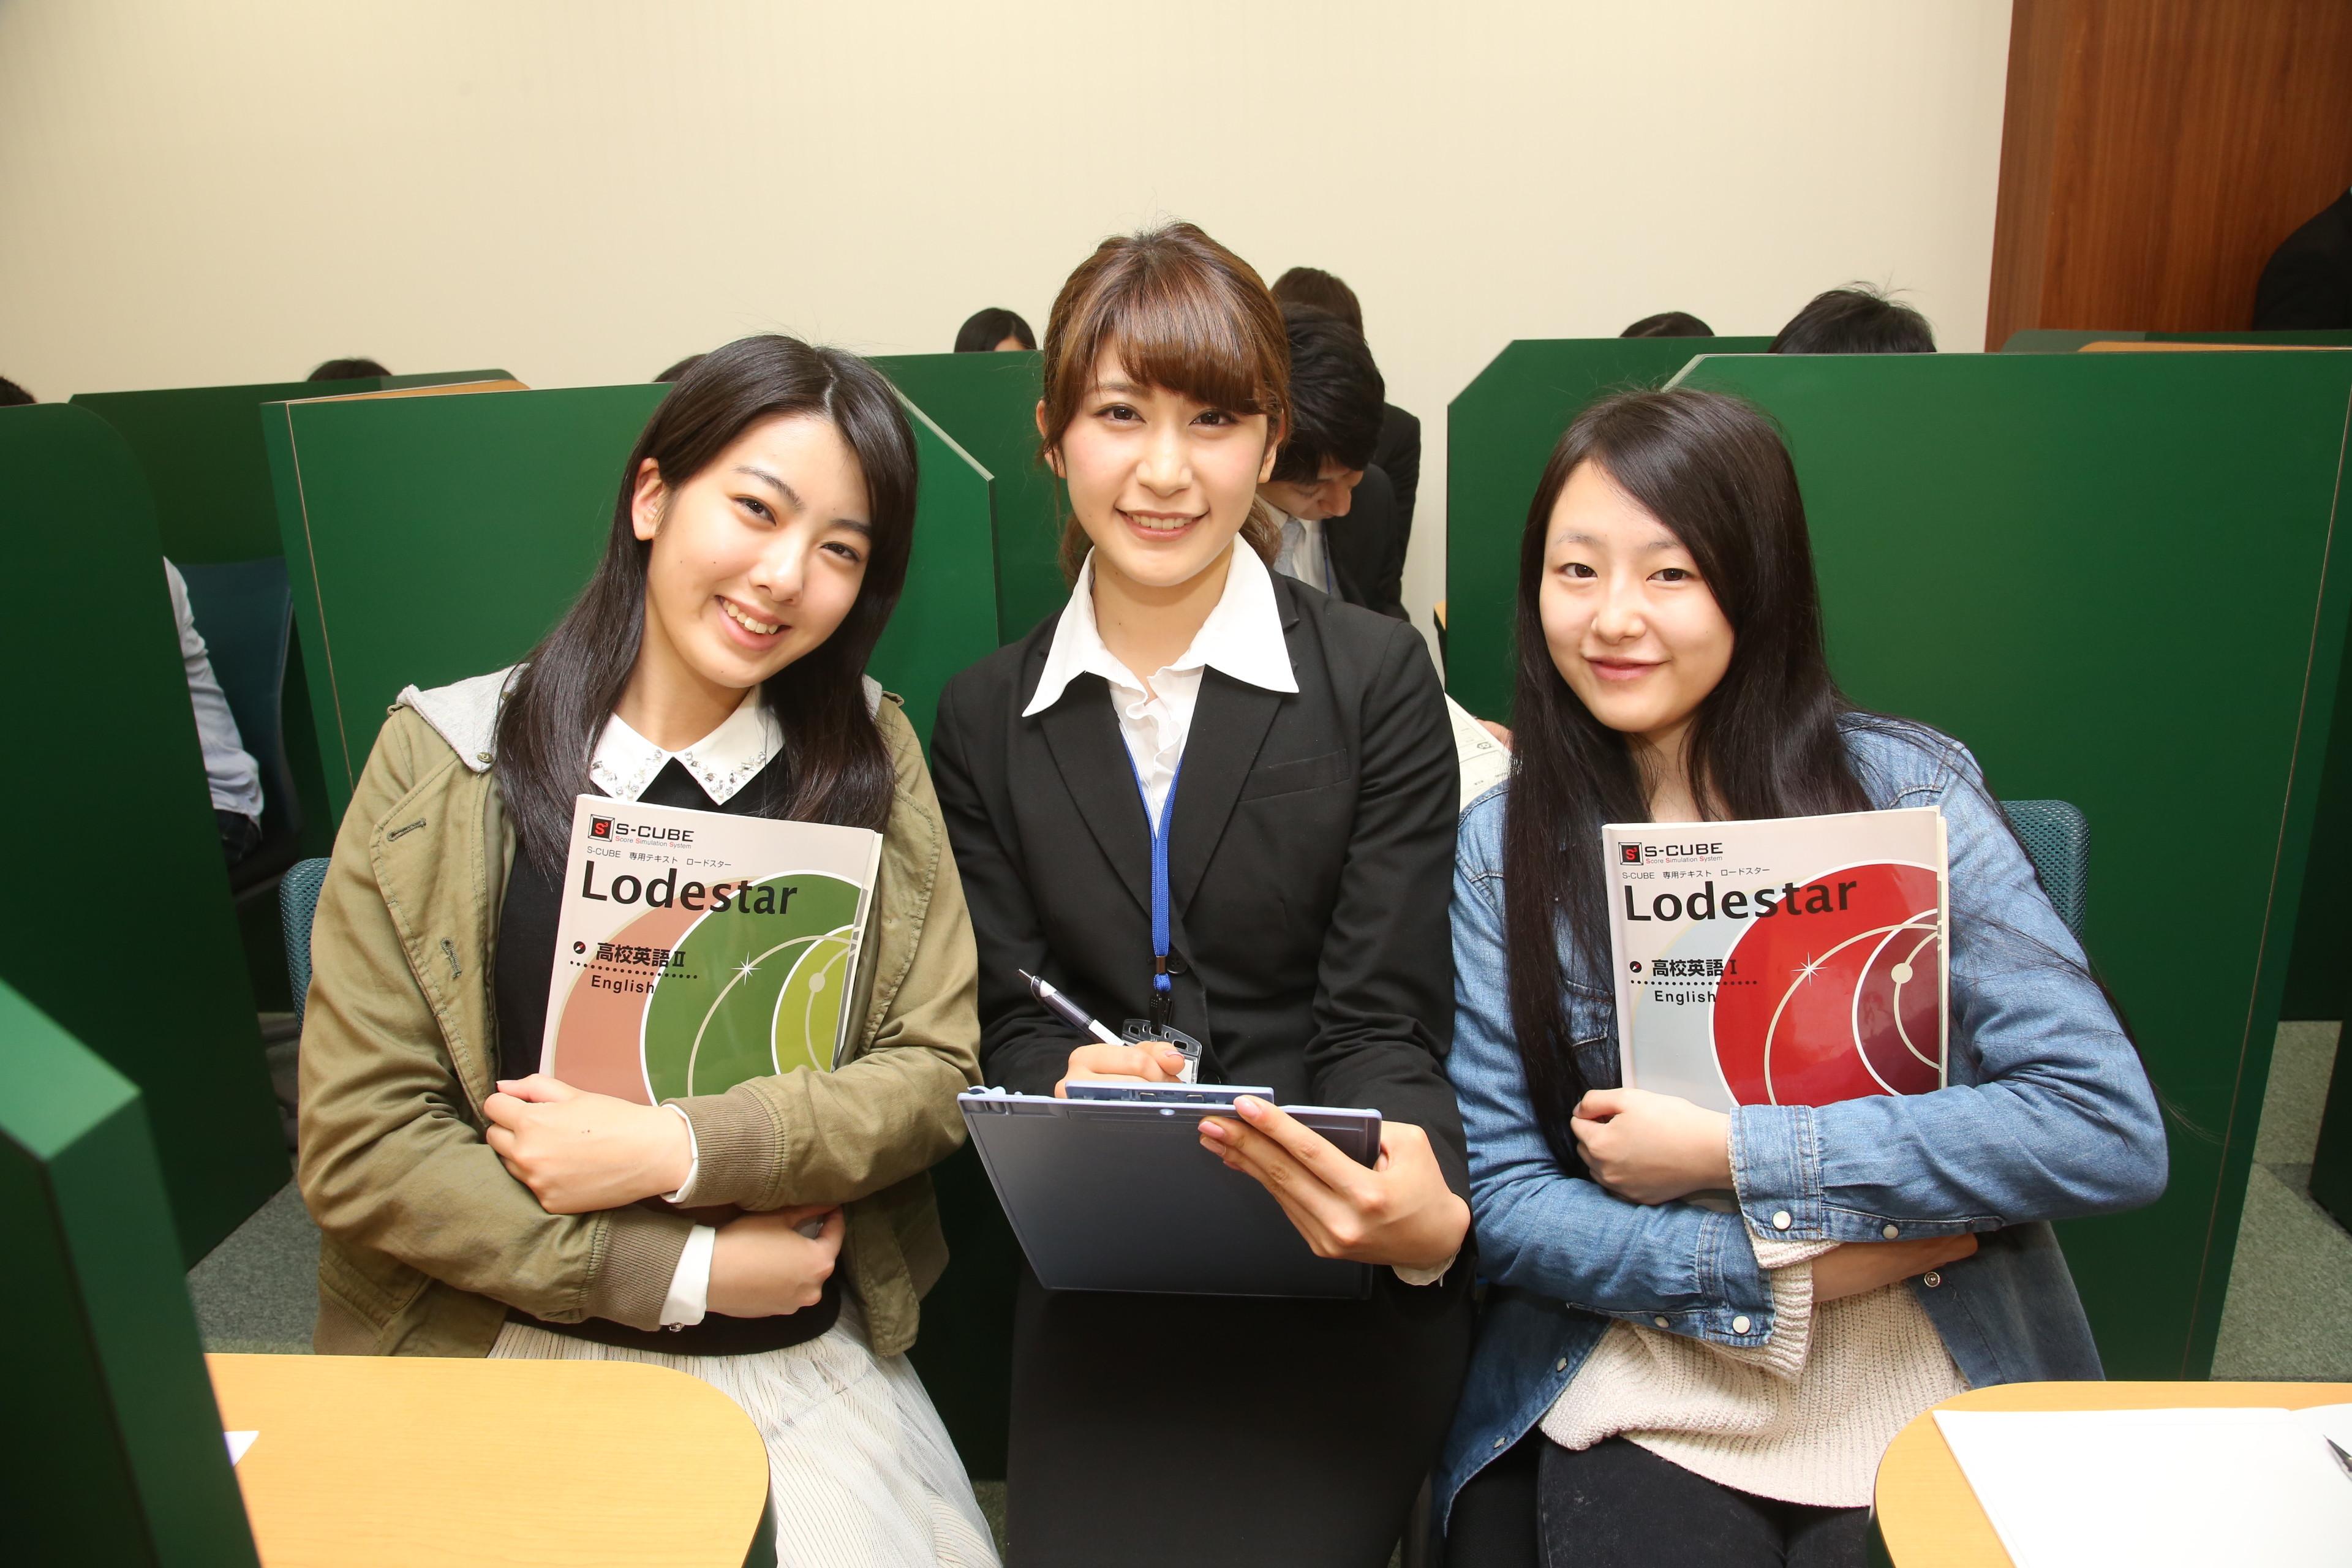 個別指導学院 フリーステップ 松井山手教室のアルバイト情報